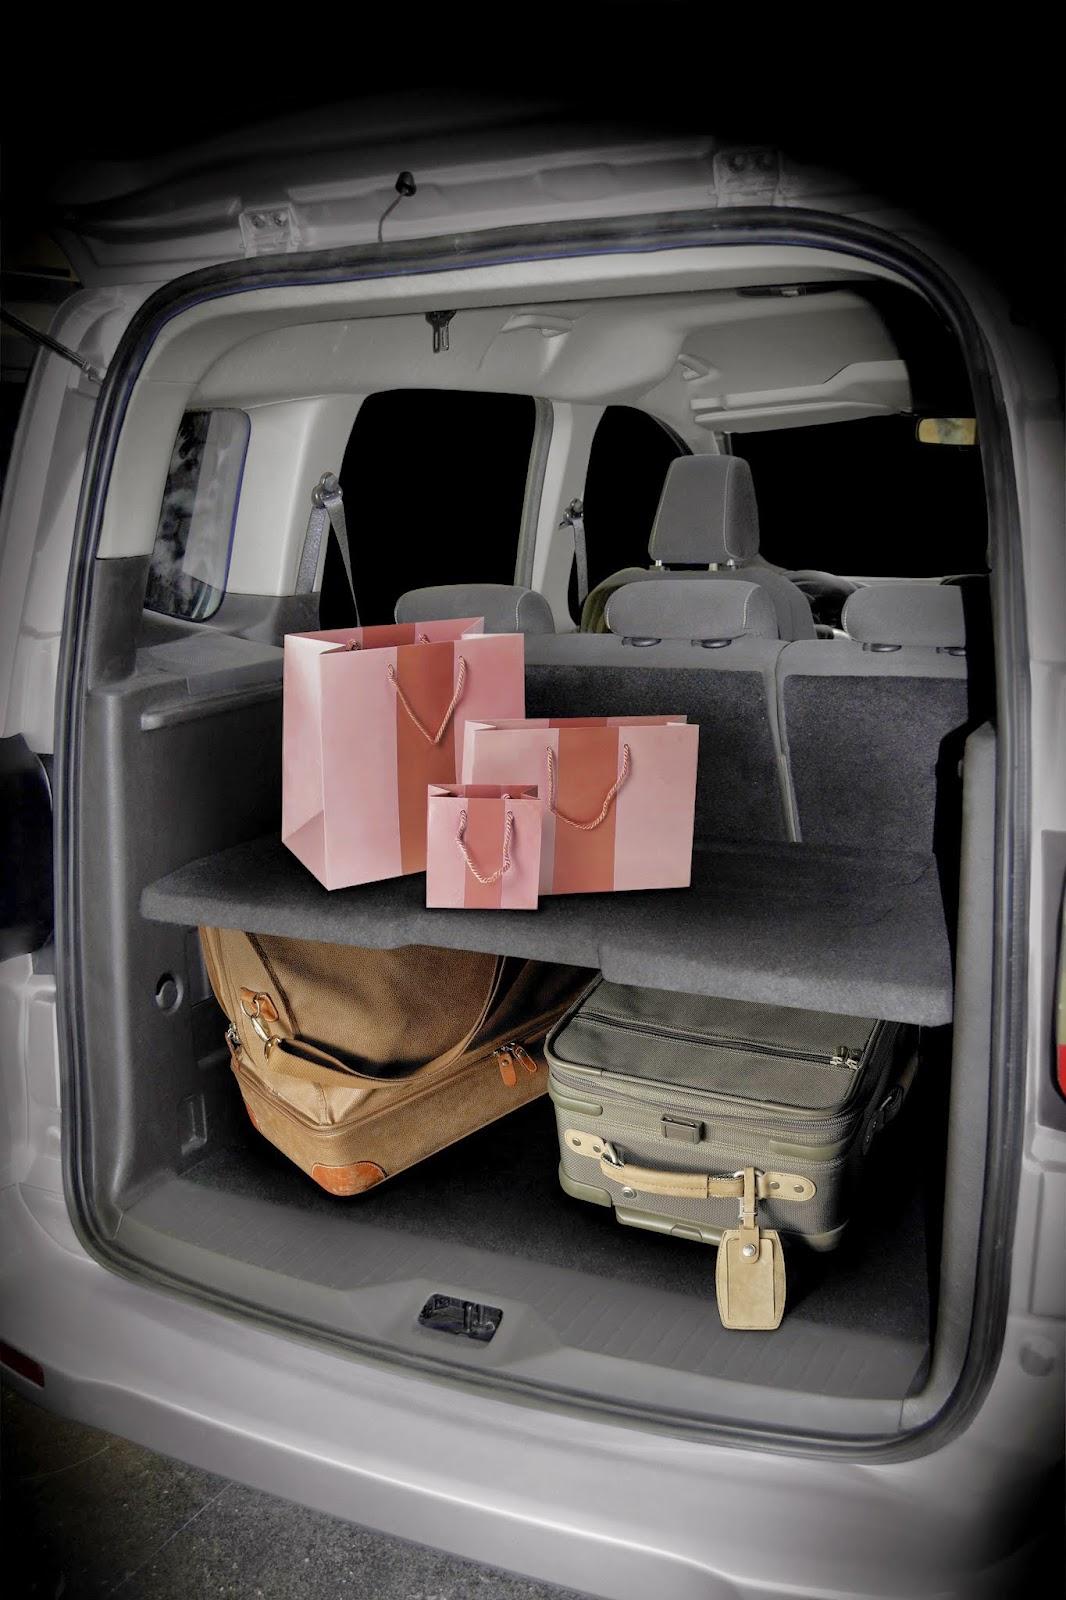 les petites m ceux qui cherchent une voiture familiale raisonnable essai du ford tourneo courier. Black Bedroom Furniture Sets. Home Design Ideas